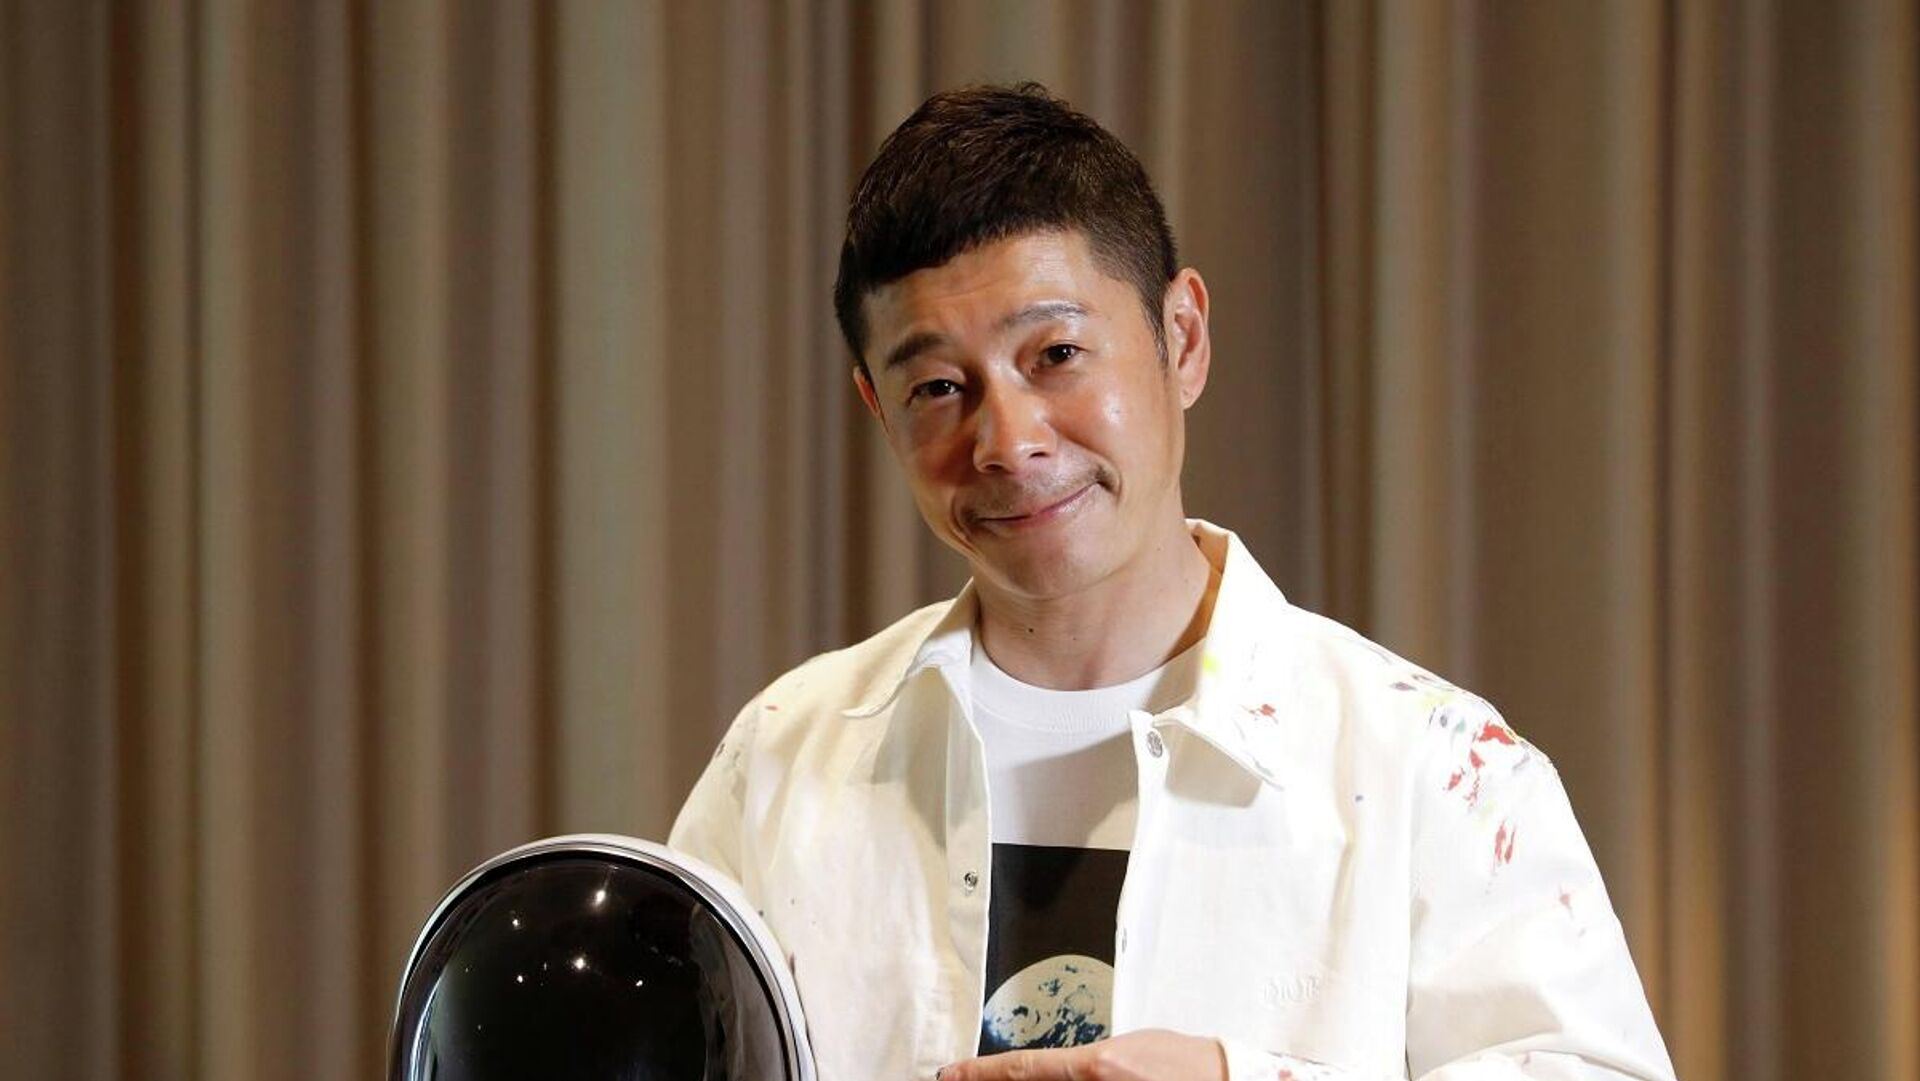 Yusaku Maezawa, el multimillonario japonés que será el primer turista lunar - Sputnik Mundo, 1920, 03.03.2021